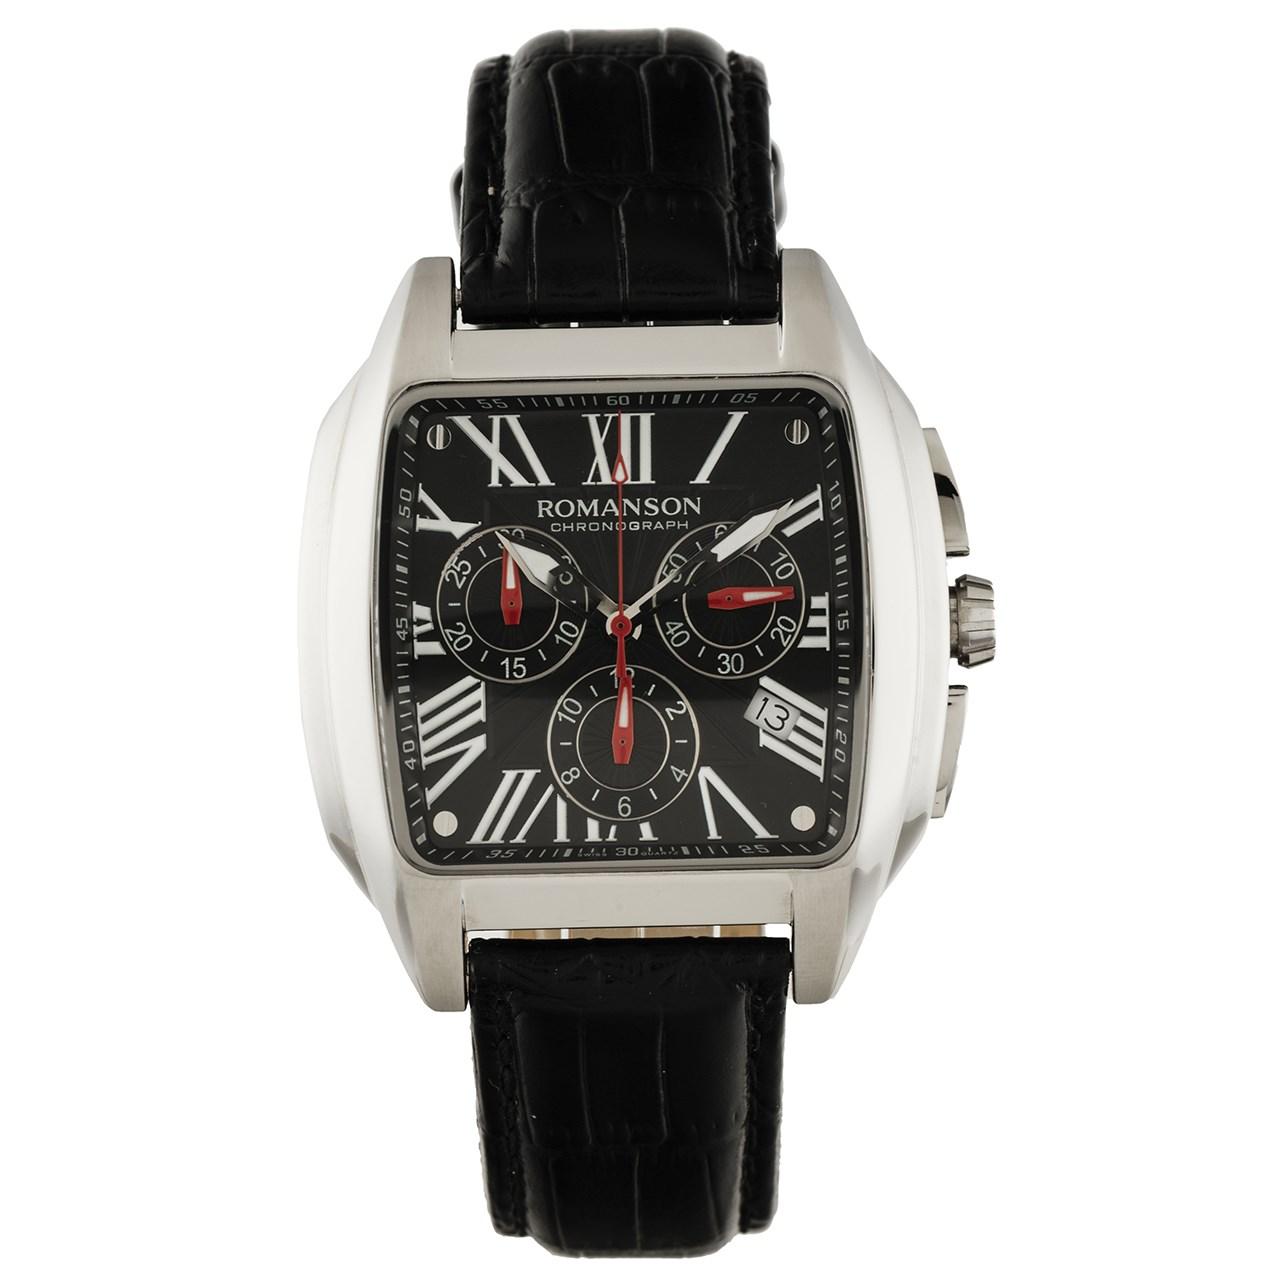 ساعت مچی عقربه ای مردانه رومانسون مدل TL1273HM1WA37W 15